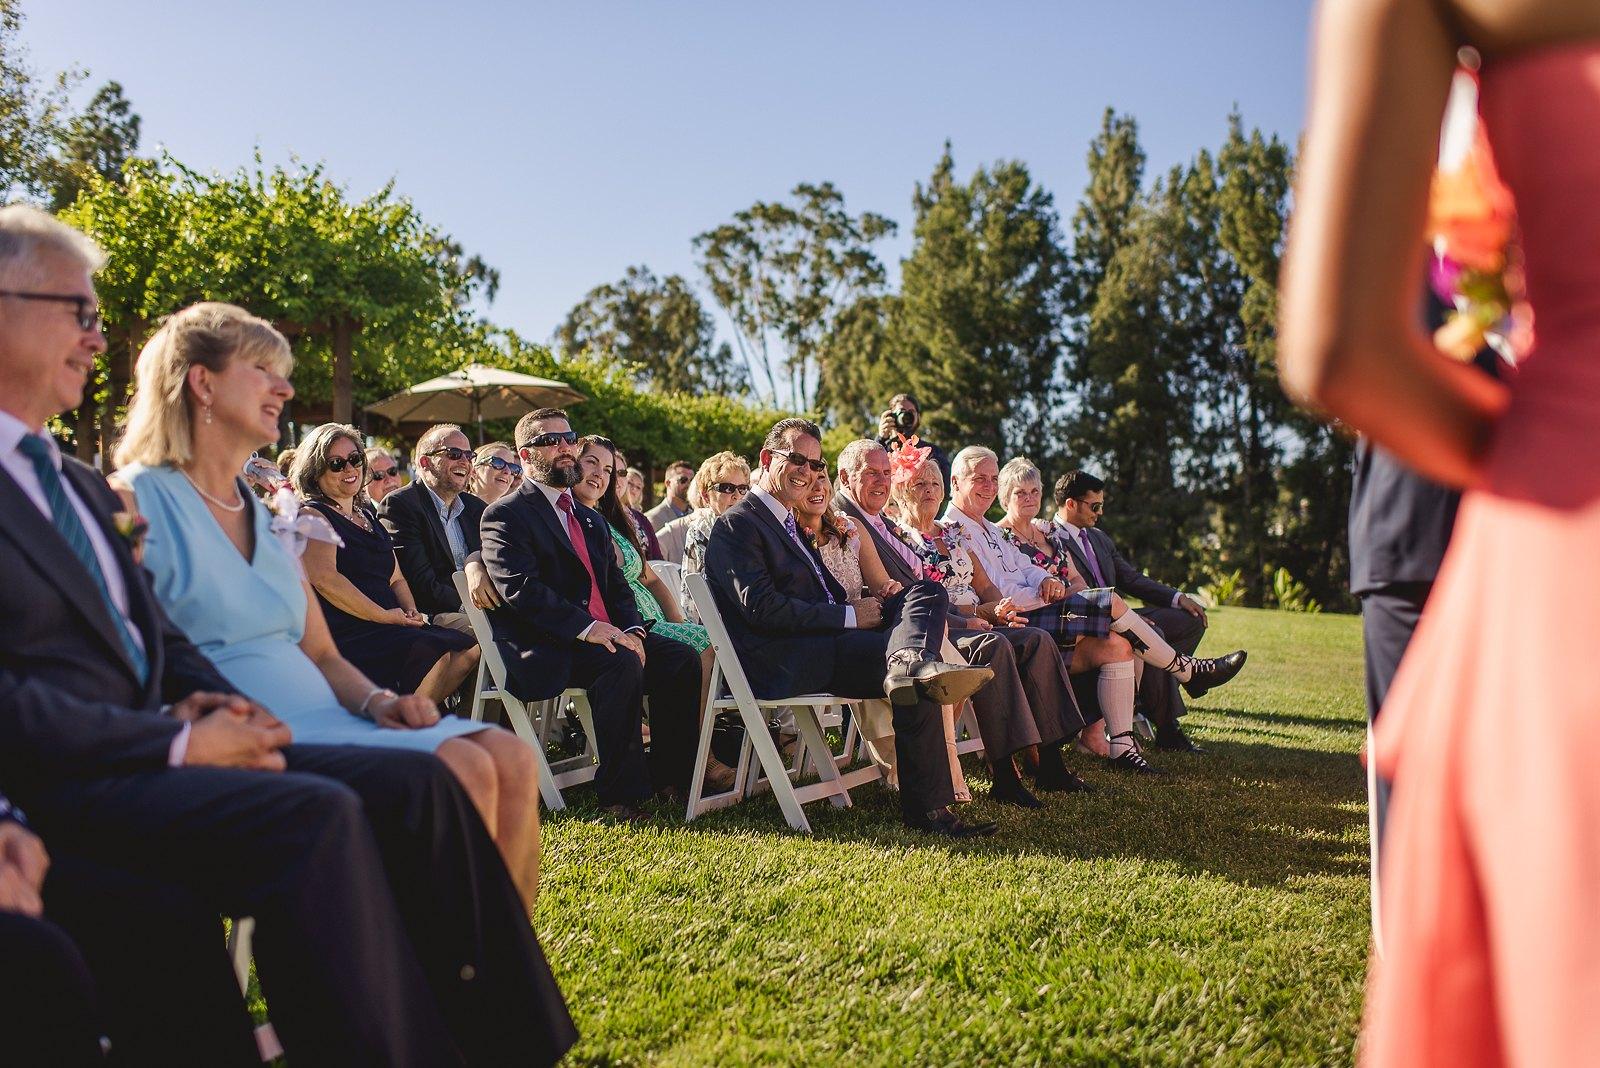 orfila-winery-wedding-photos-t-n-61.jpg